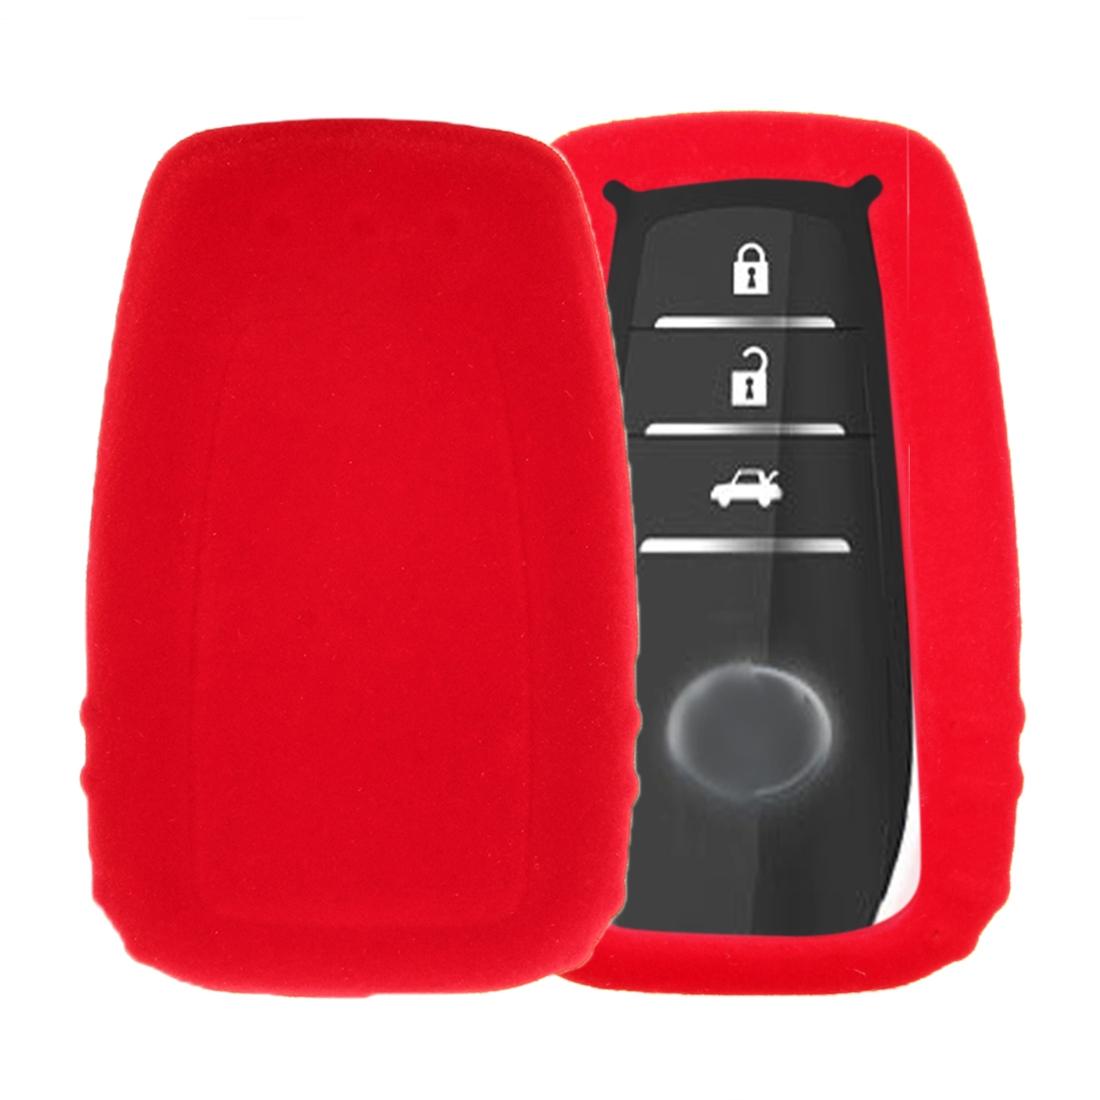 Toyota Camry Singapore 2018 >> Car Remote Key Holder Flannel TPU Protective Case for Toyota 2018 Camry, Prado (Red) | Alexnld.com